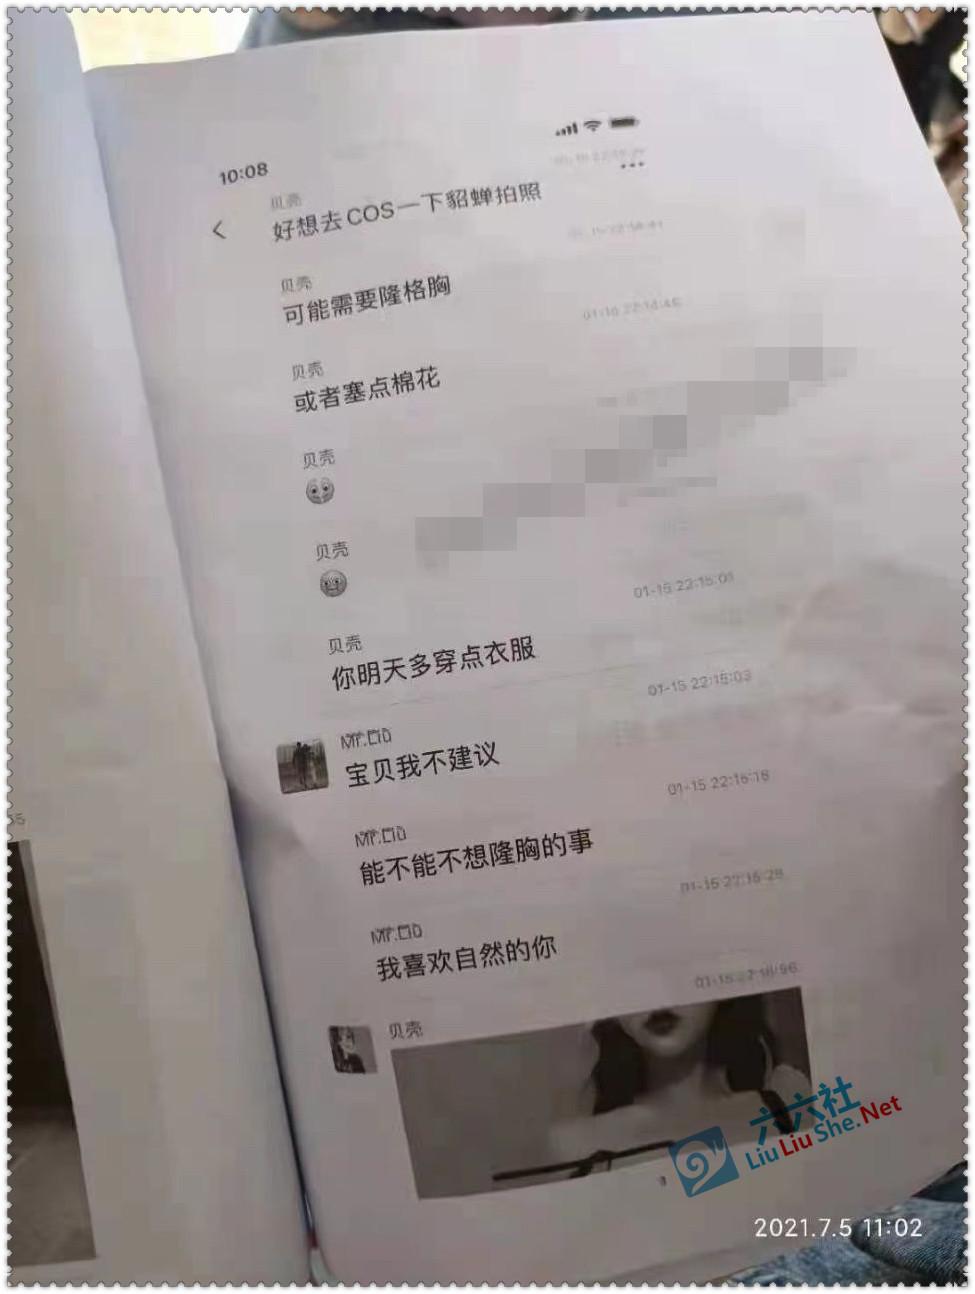 永州农商银行瓜 是怎么回事?附:刘某湘与柜员蒋某的暧昧聊天记录 吃瓜基地 第4张